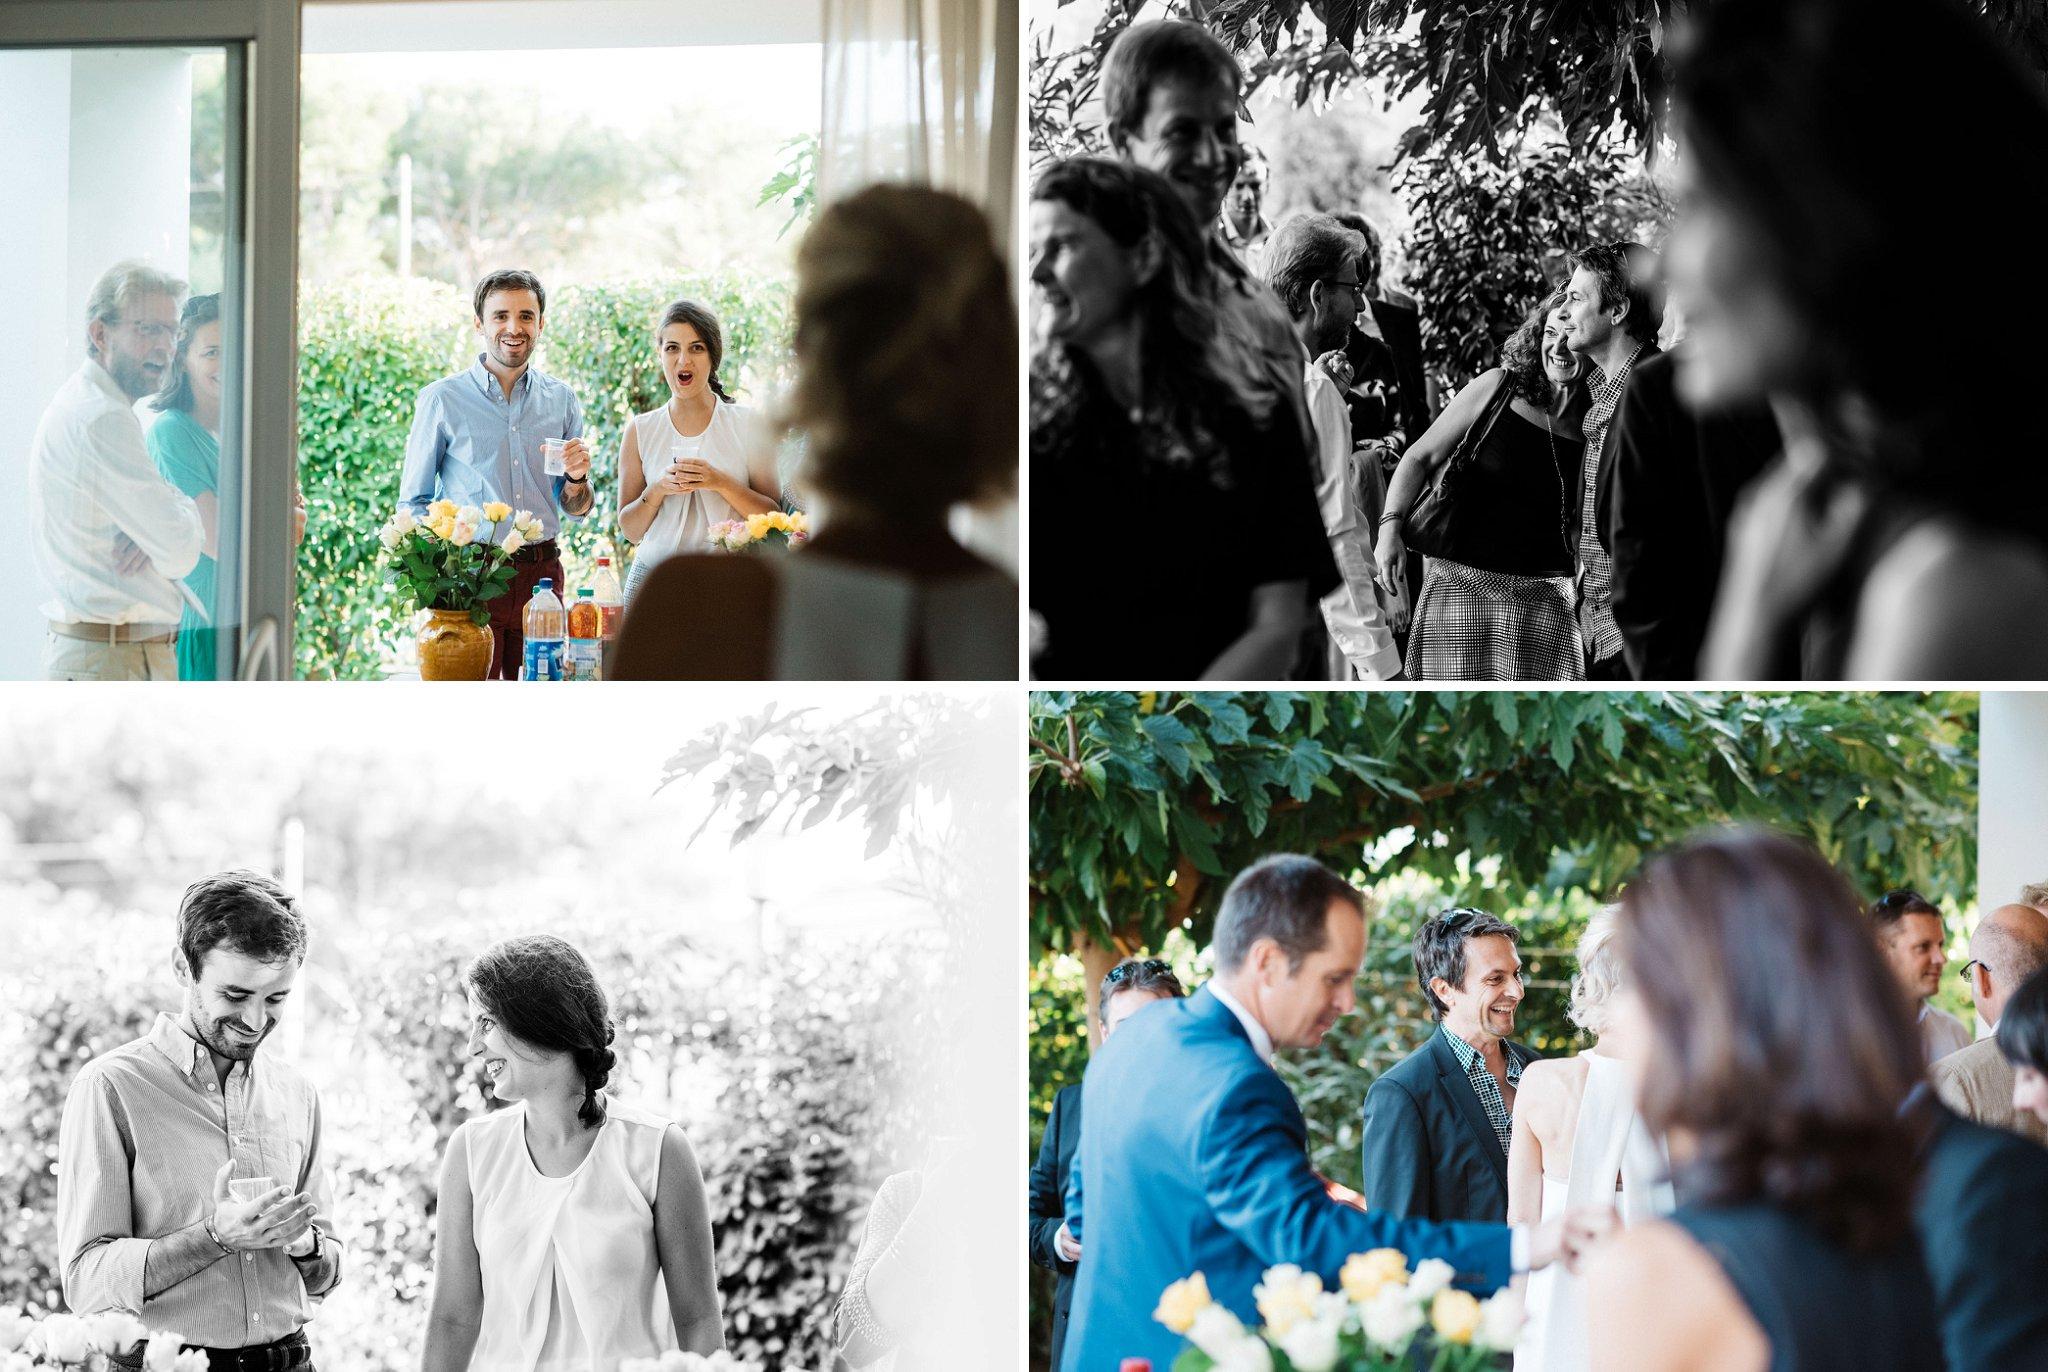 mariage-amis-provence-mediterranee-plage-convivial (10)